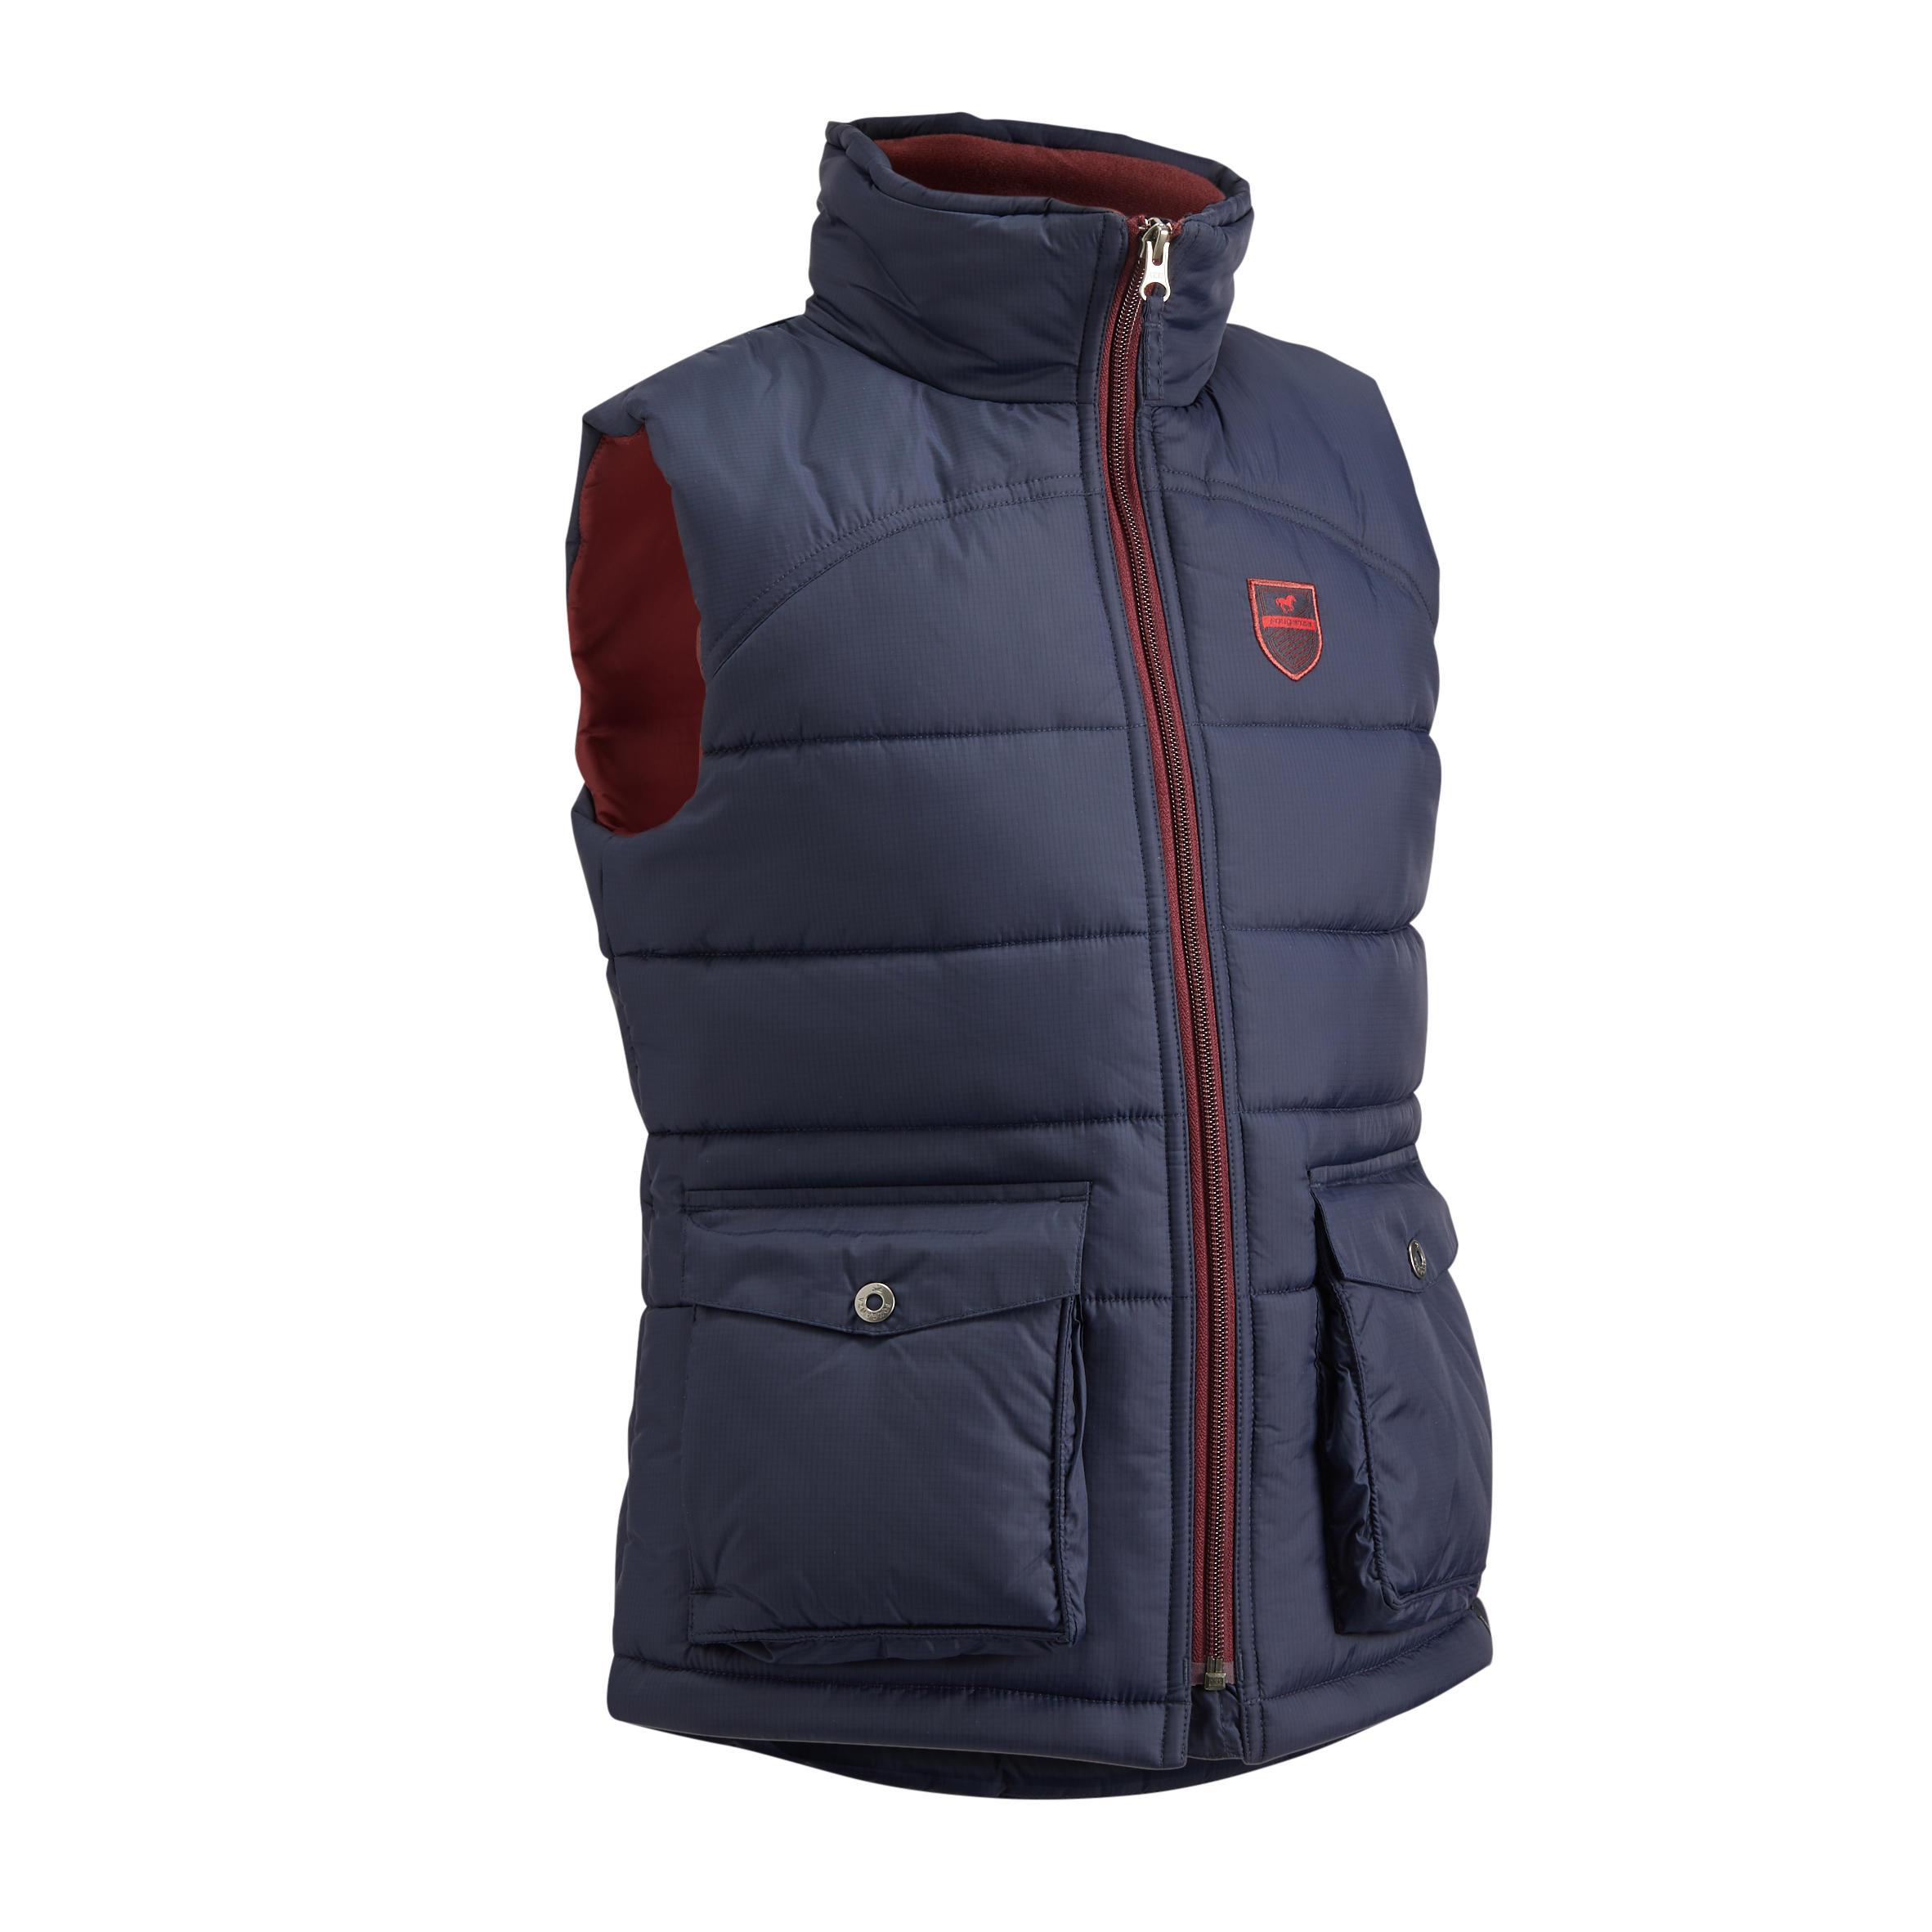 Jungen,Kinder,Kinder Winter-Reitweste 500 Warm Kinder marineblau bordeaux   03583788102427